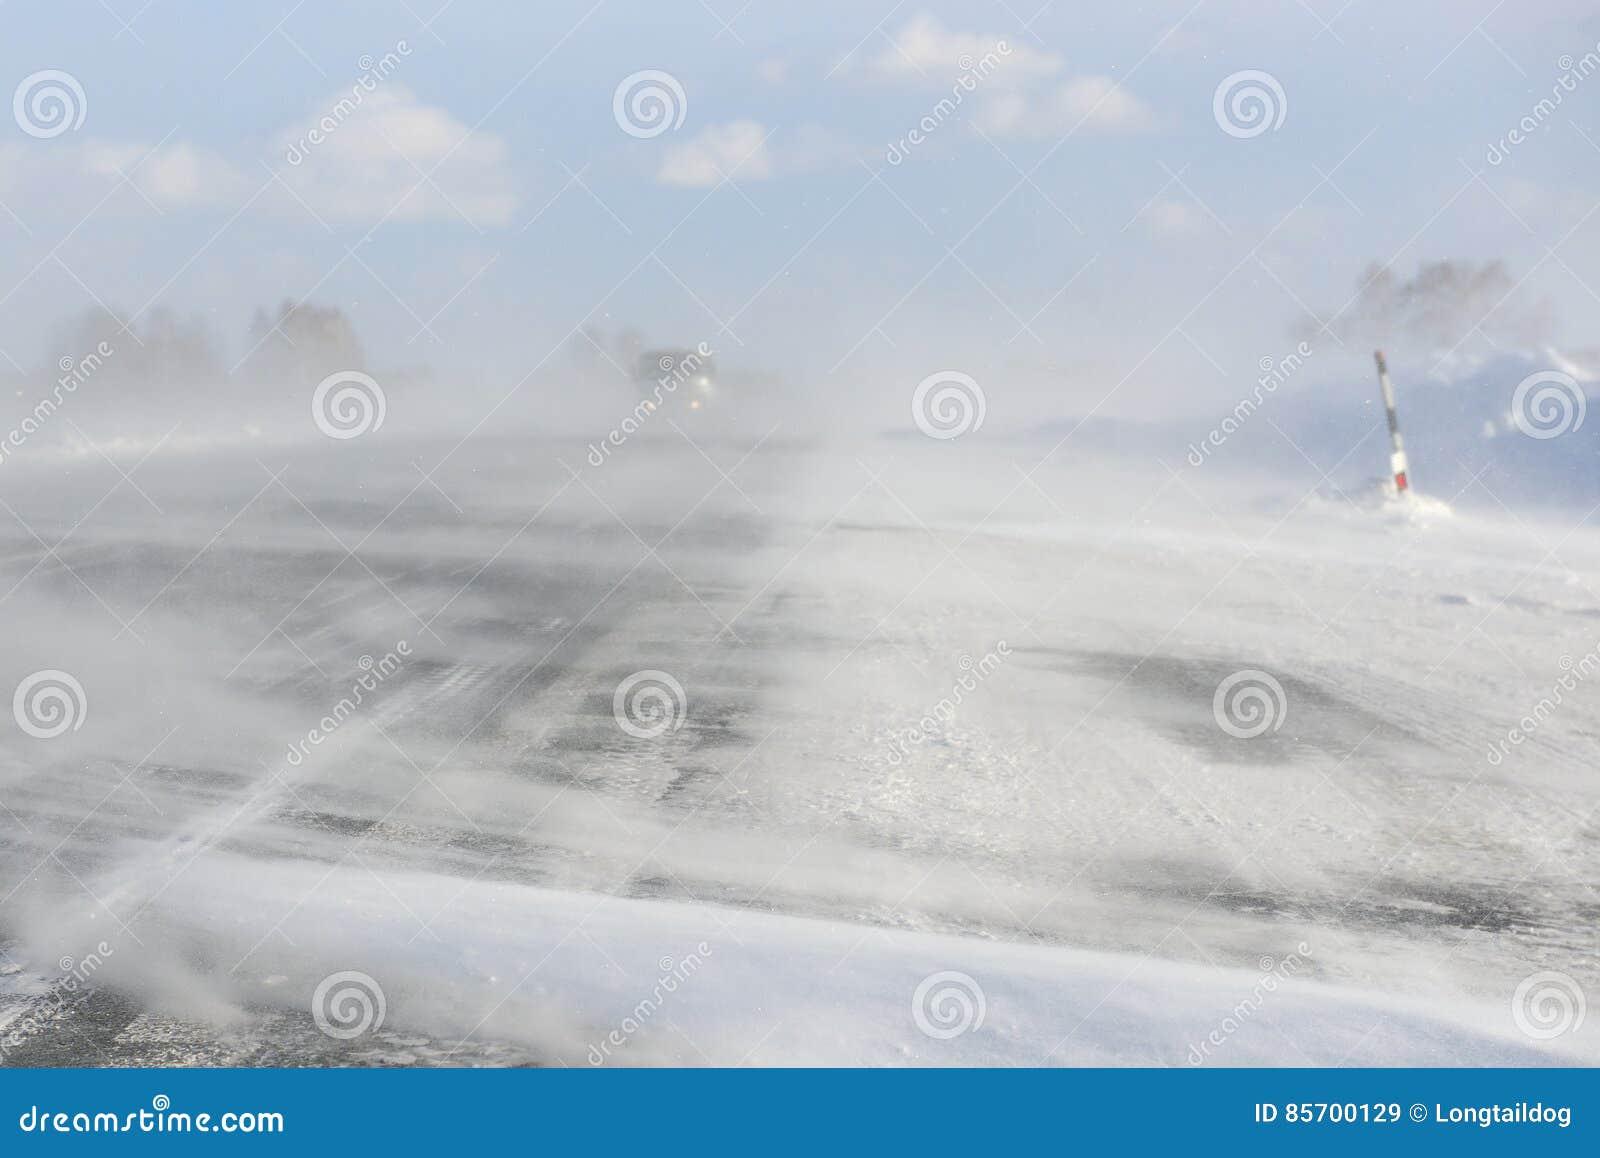 De de winterblizzard blokkeerde een weg